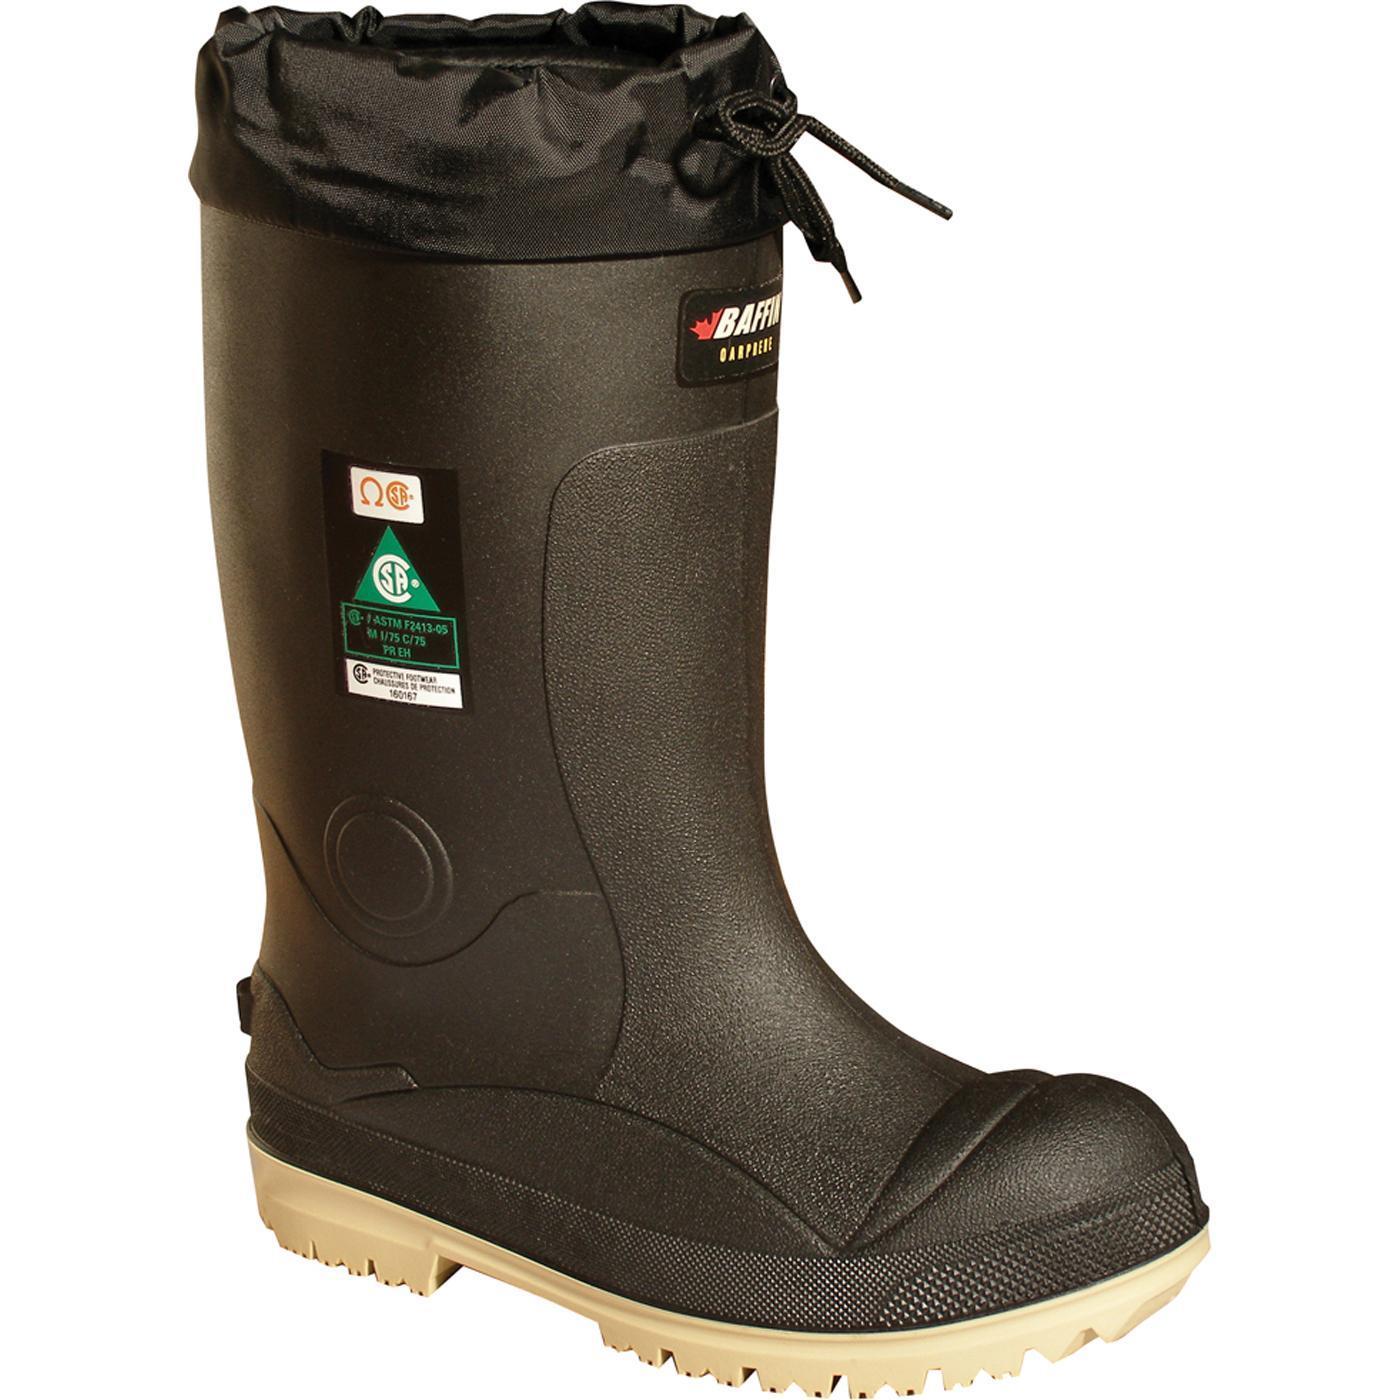 baffin winter work boots